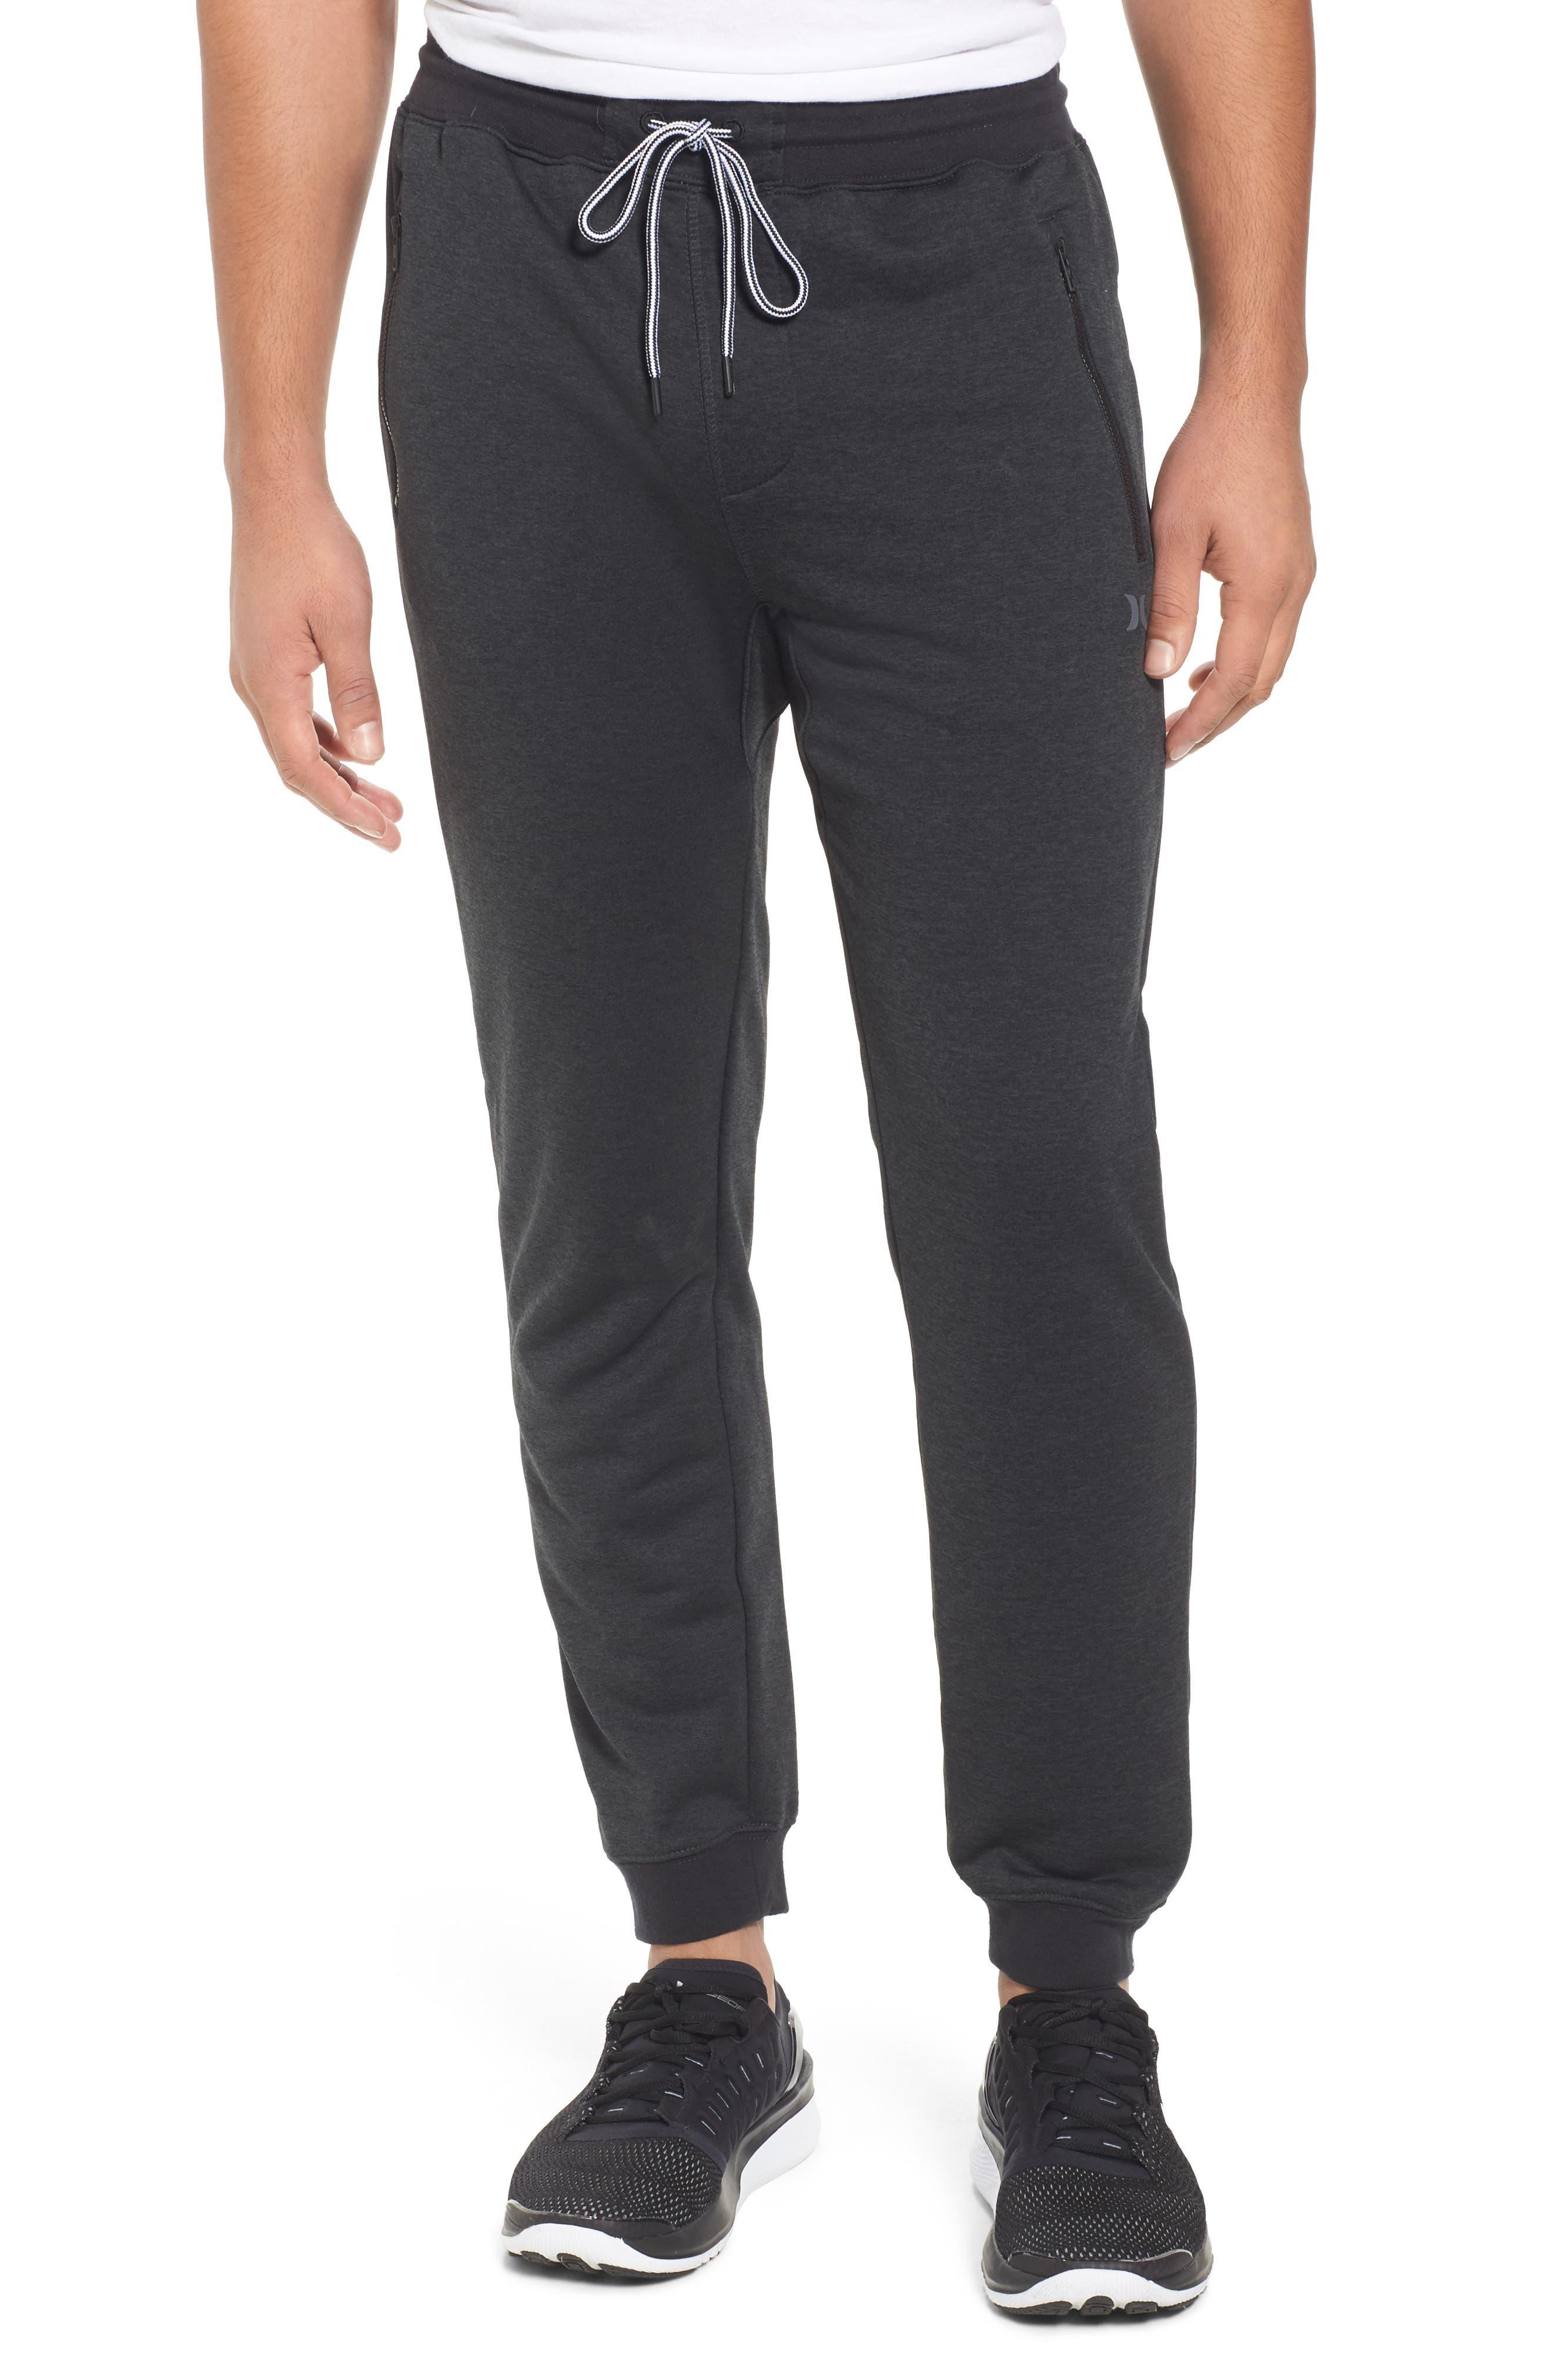 Dri-FIT Disperse Jogger Pants,                         Main,                         color, Black